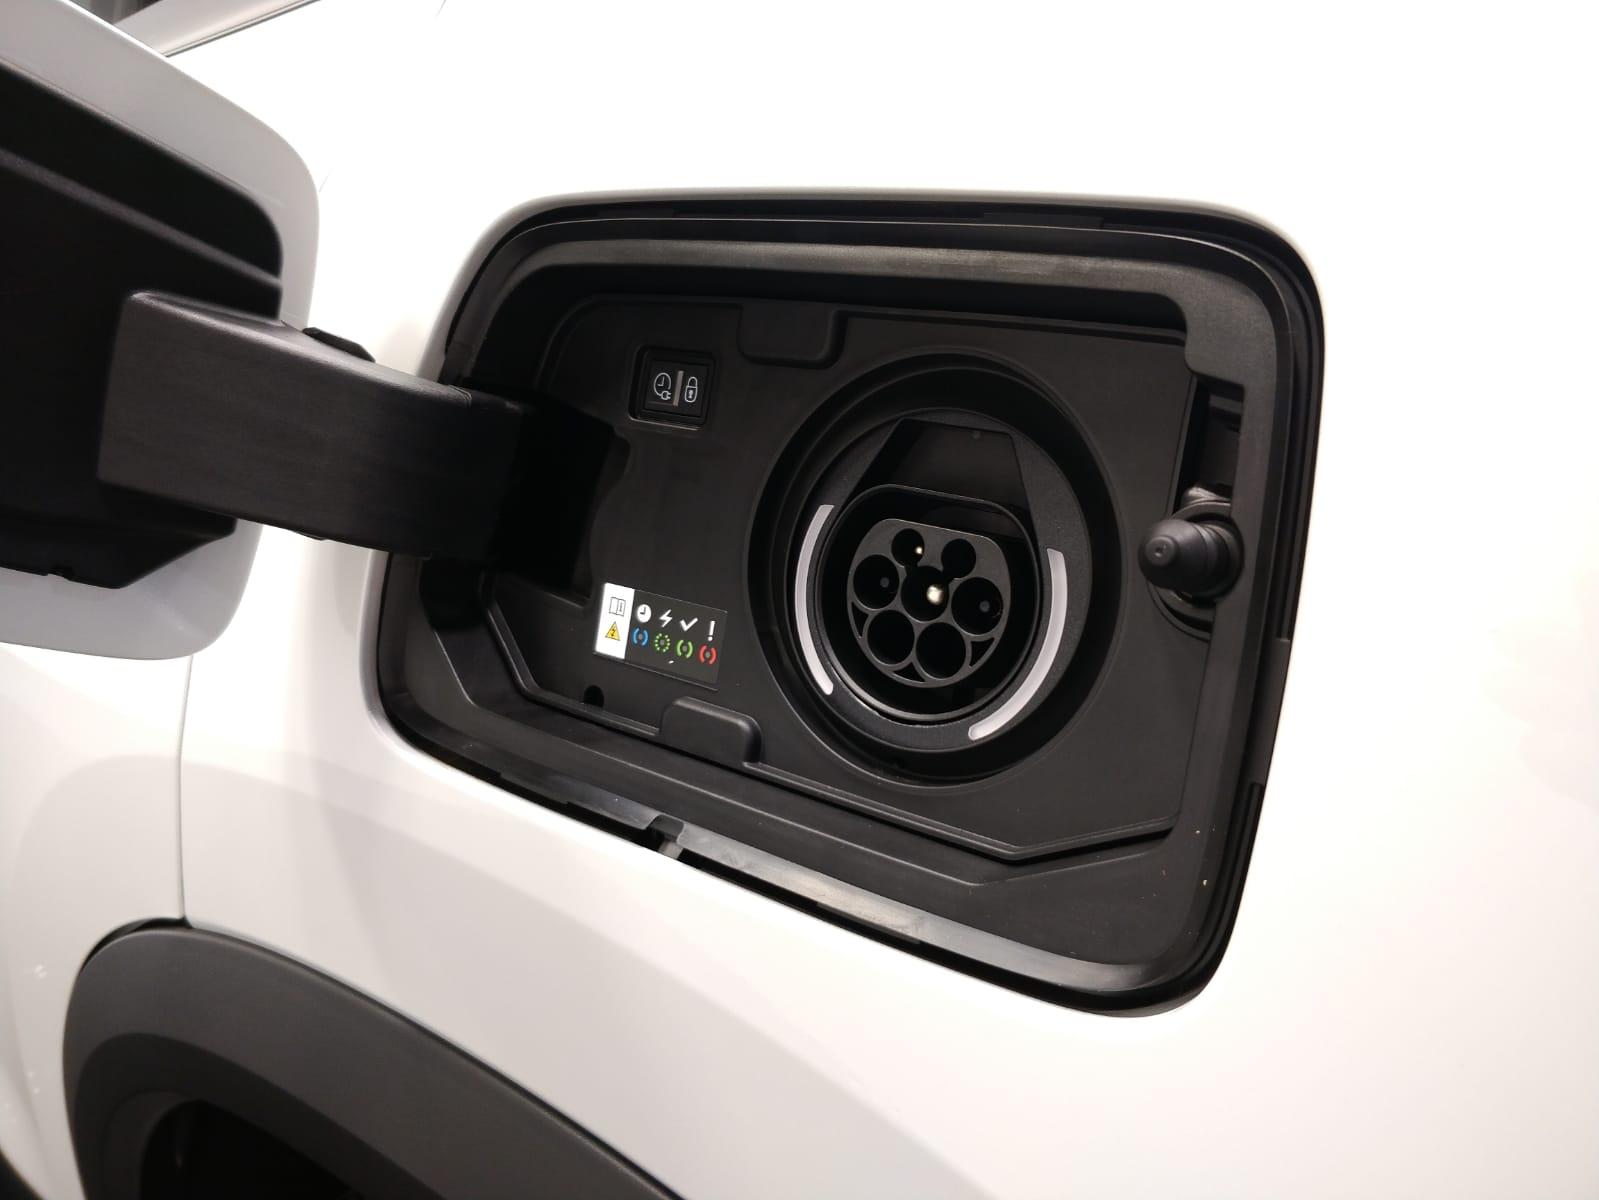 2020 Citroen C5 Aircross Petrol Automatic – Hallidays of Bushmills full